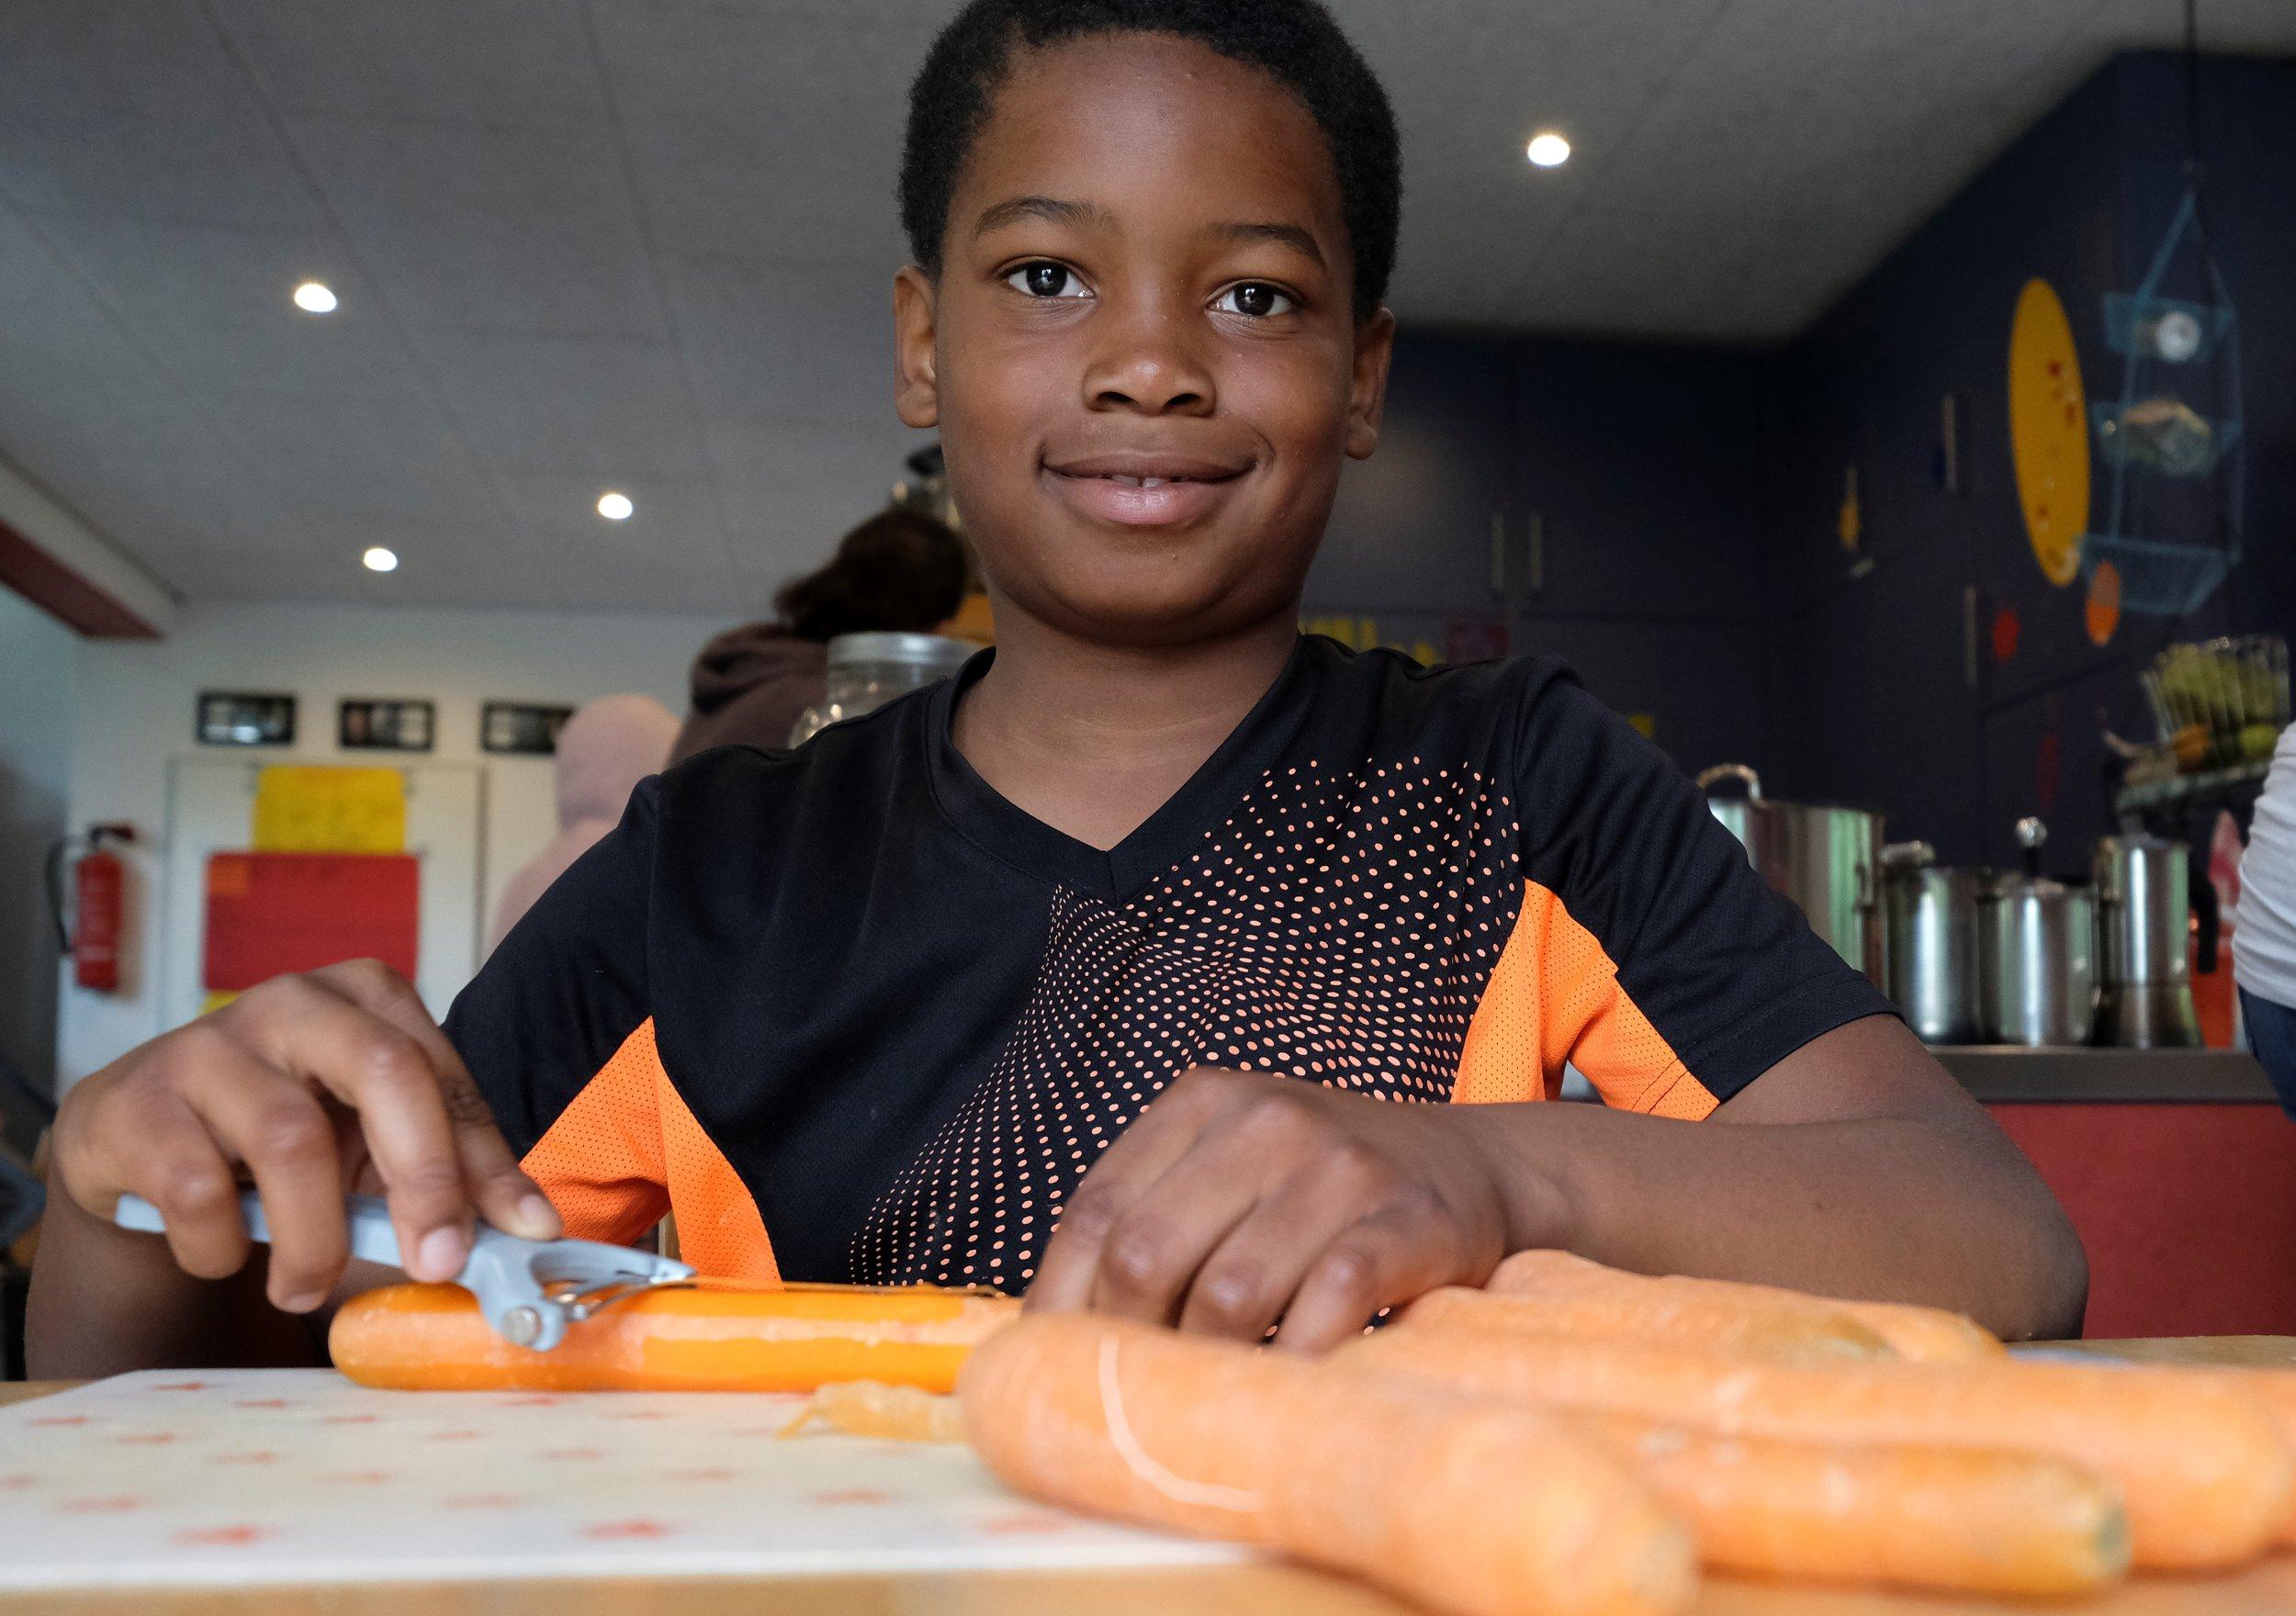 Bild aus dem Programm CHILDREN Entdecker (Kinderarmut): Junge schneidet Karotten